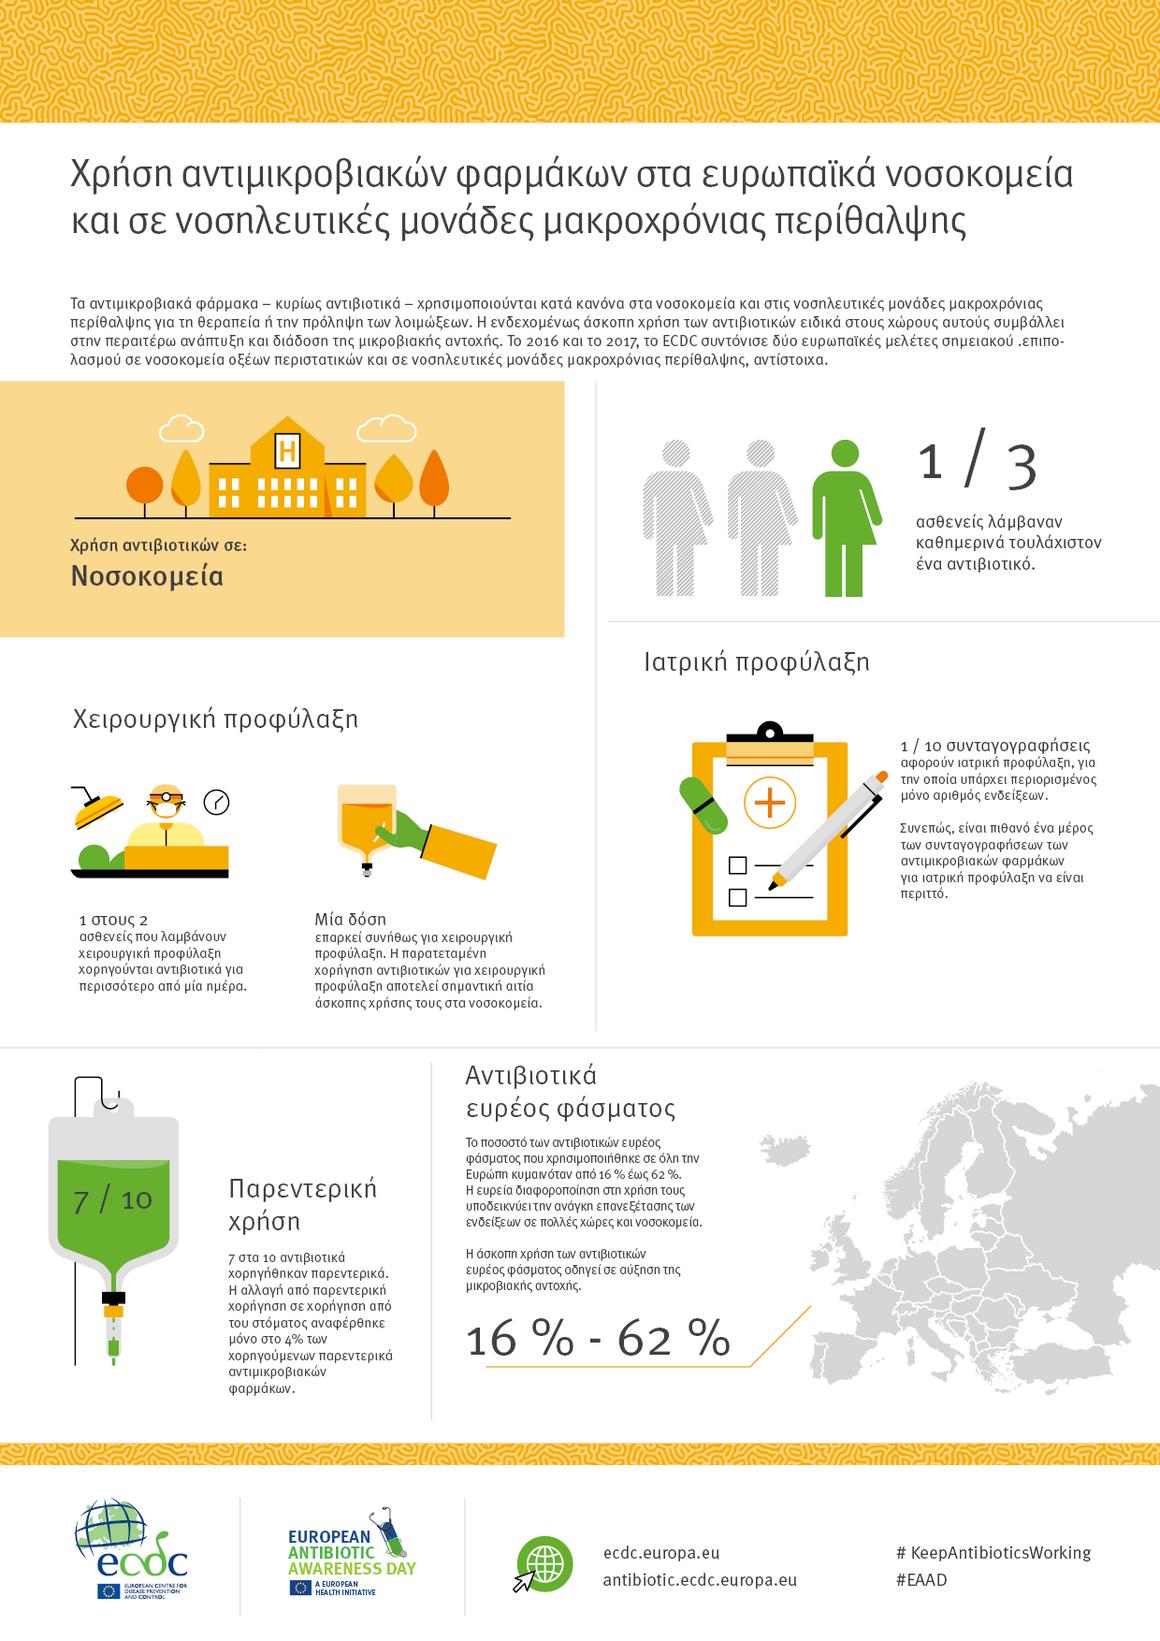 Χρήση αντιμικροβιακών φαρμάκων στα ευρωπαϊκά νοσοκομεία και σε νοσηλευτικές μονάδες μακροχρόνιας περίθαλψης